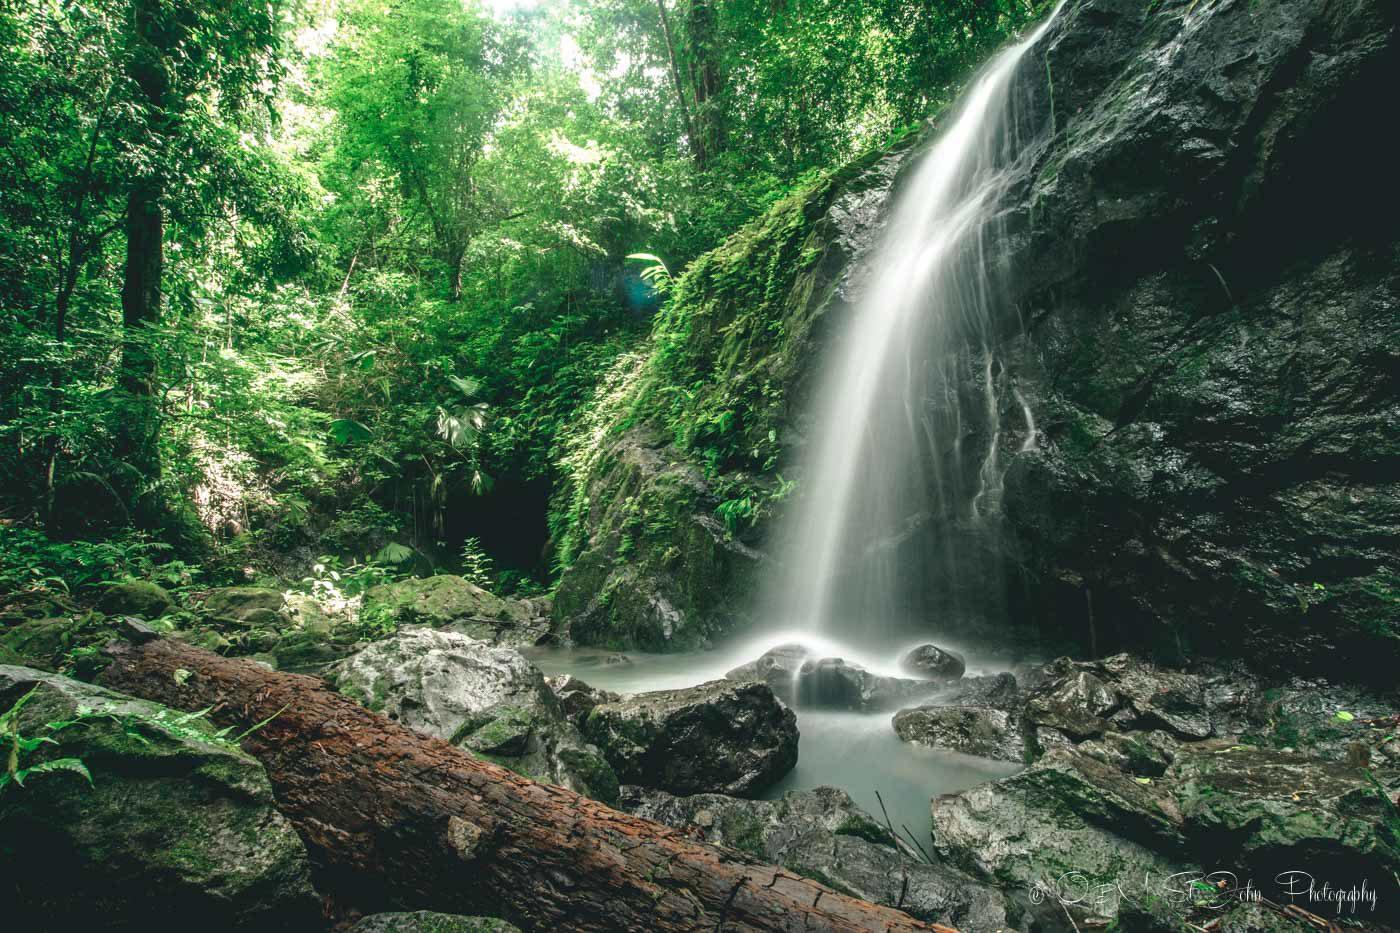 Manuel Antonio National Park: Gorgeous waterfall at Manuel Antonio National Park